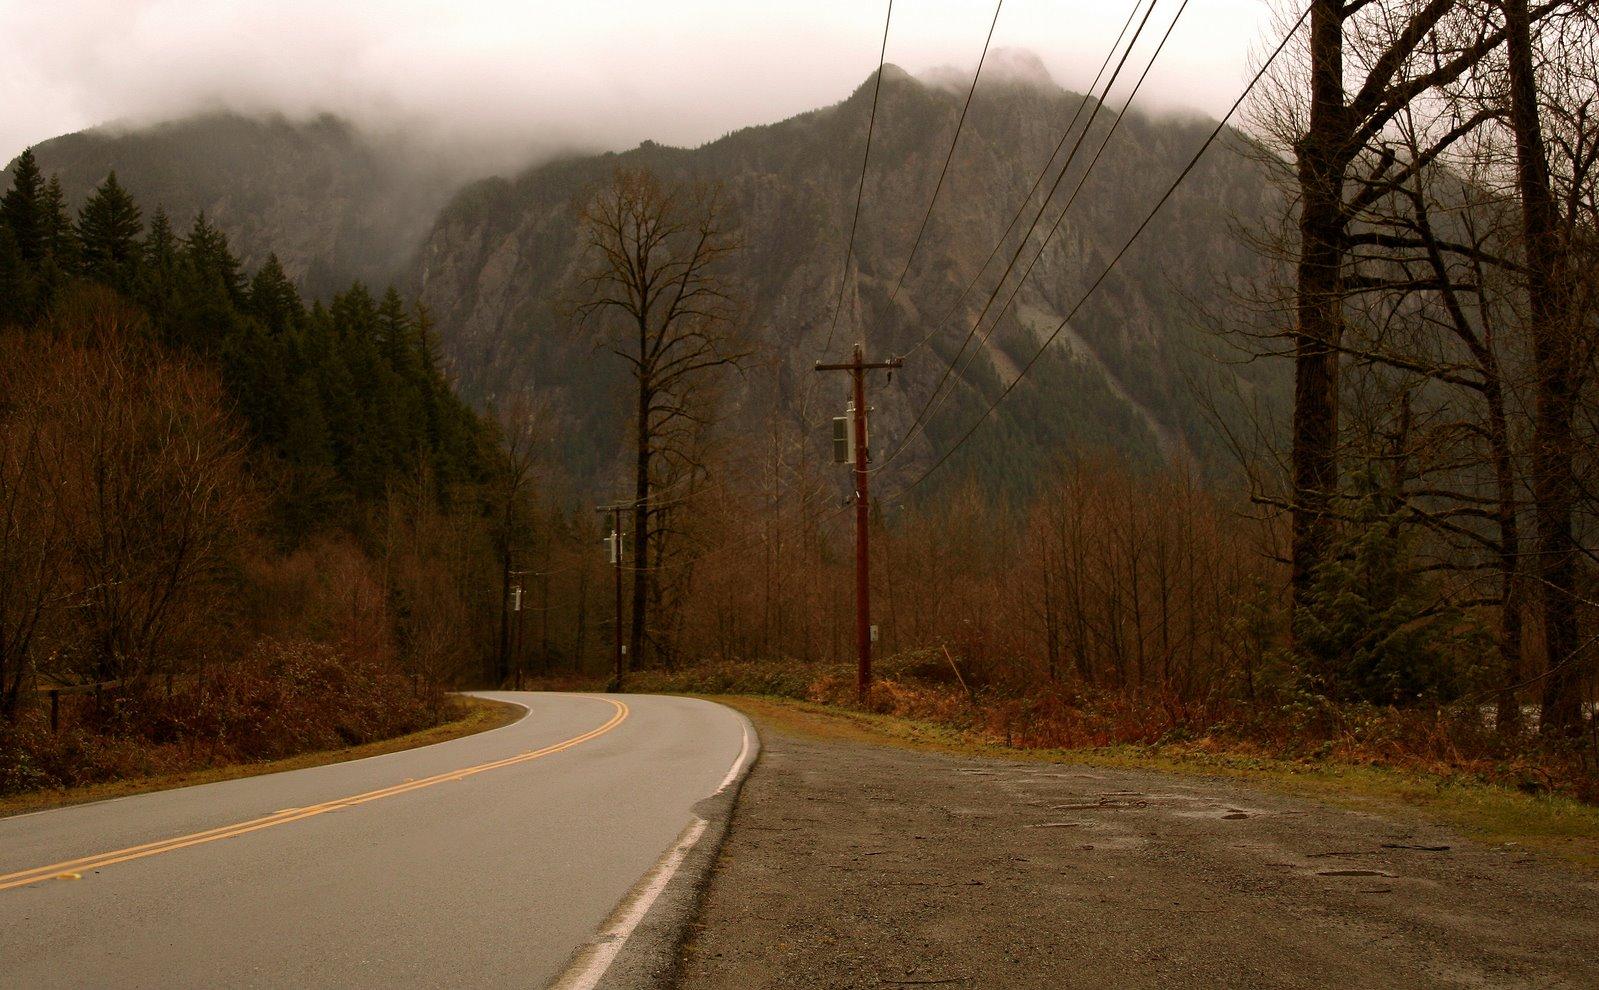 BOB versus le Wendigo : la réponse d'Hannibal à Twin Peaks